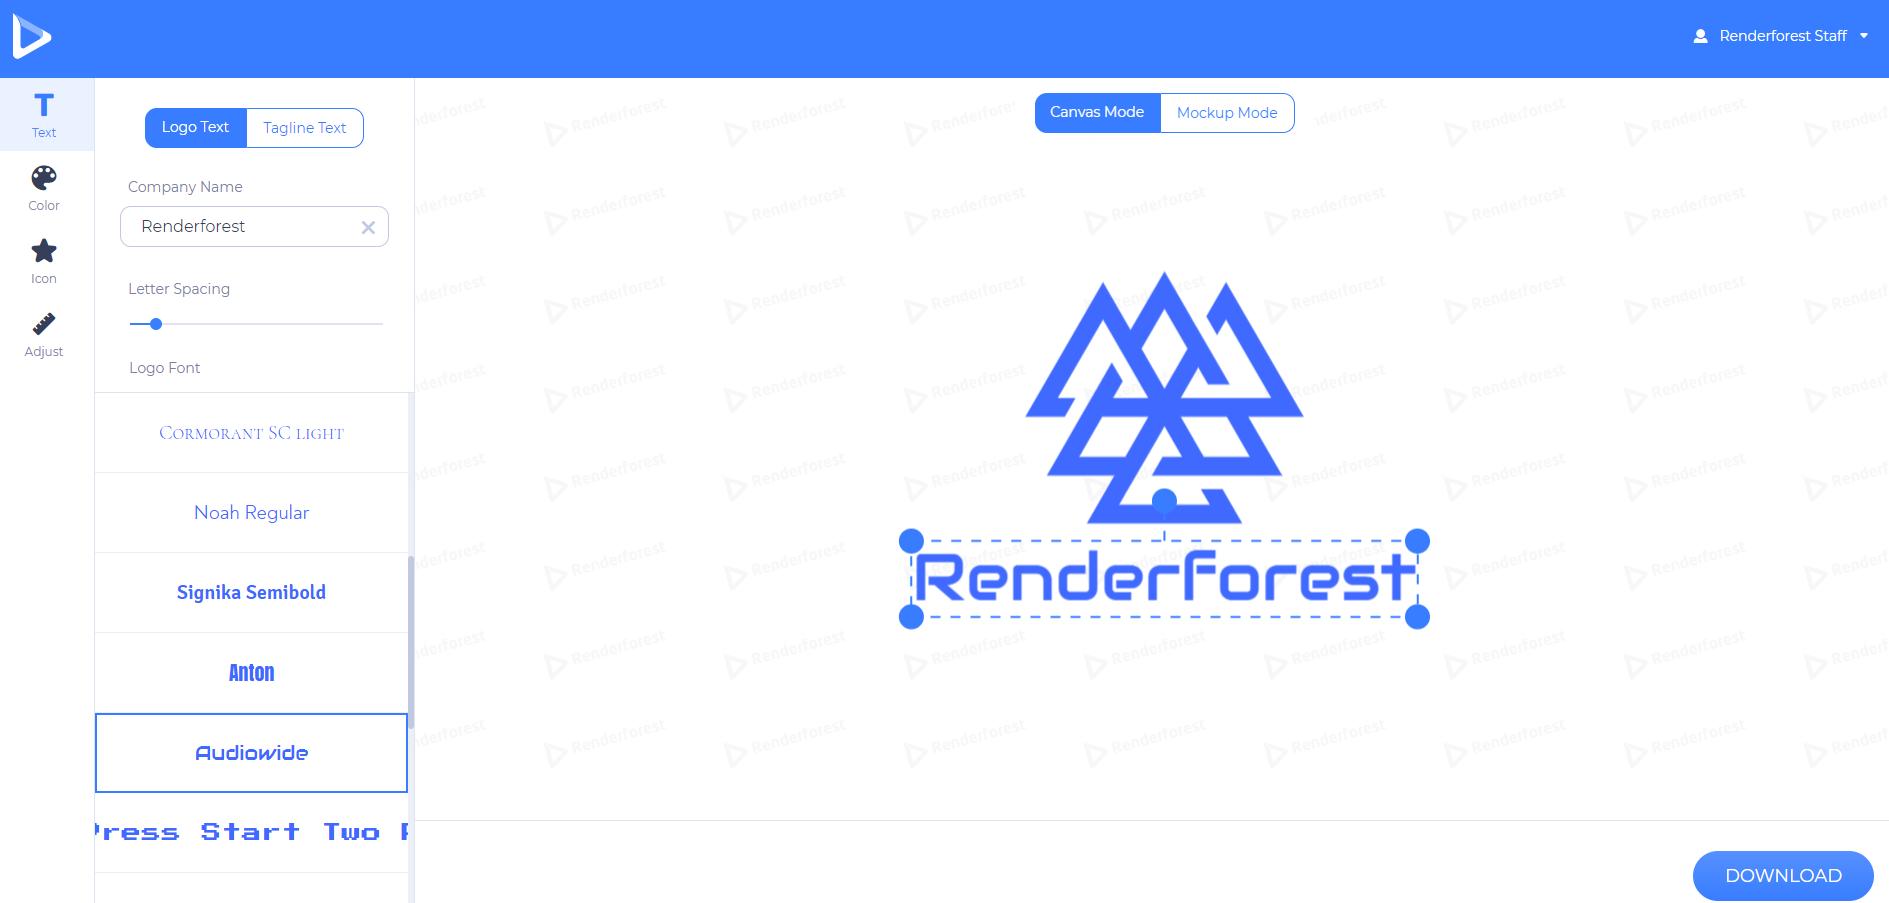 customize your logo texts